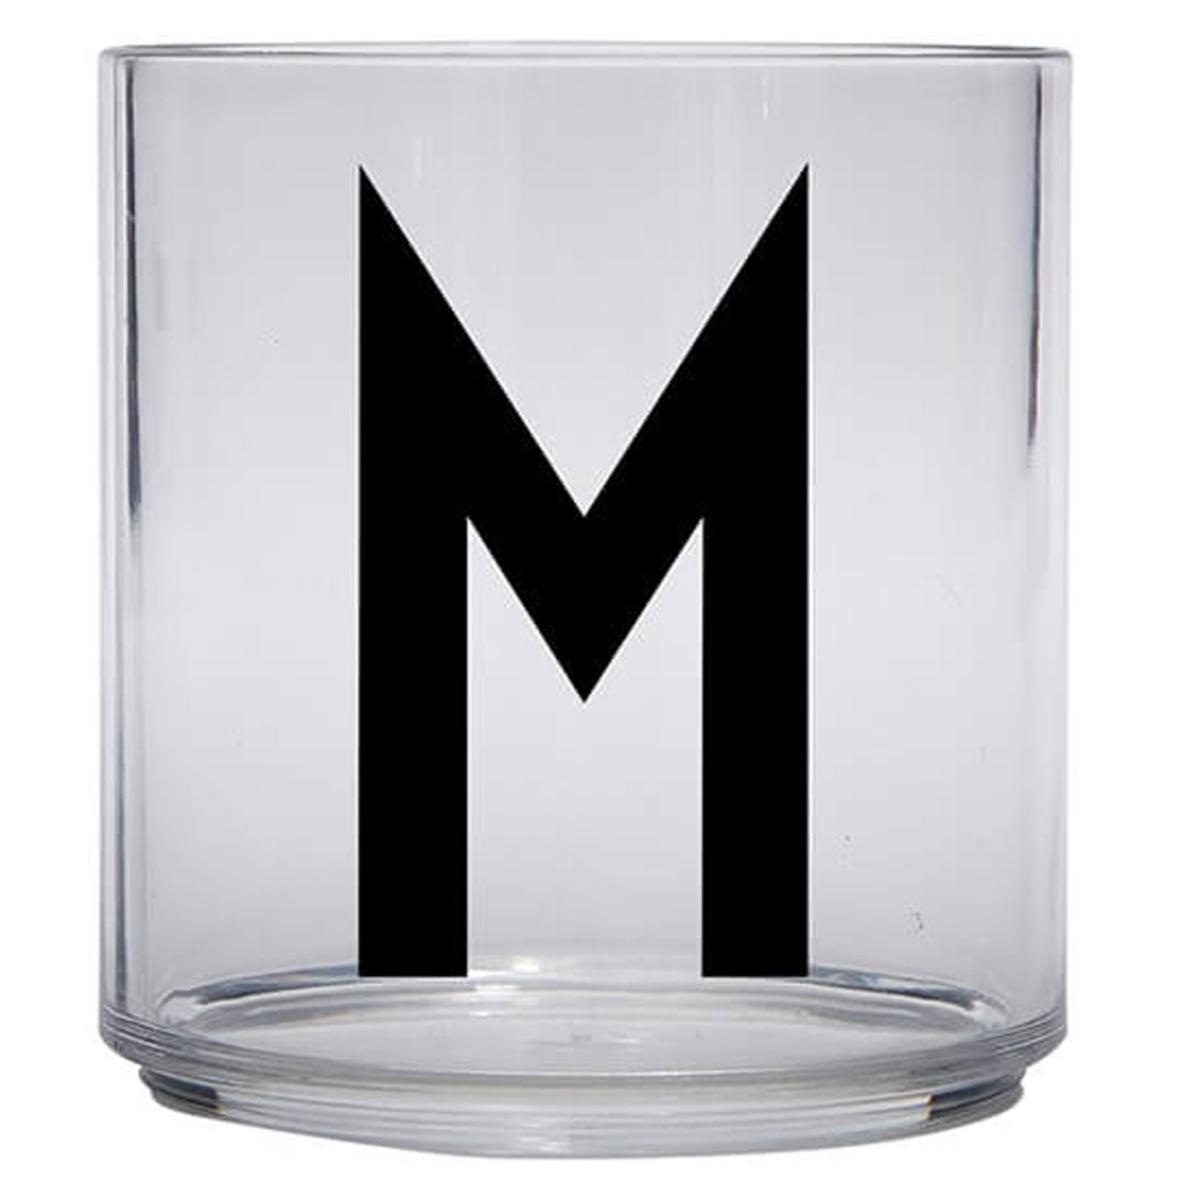 Tasse & Verre Verre Transparent M - 220 ml Verre Transparent M - 220 ml